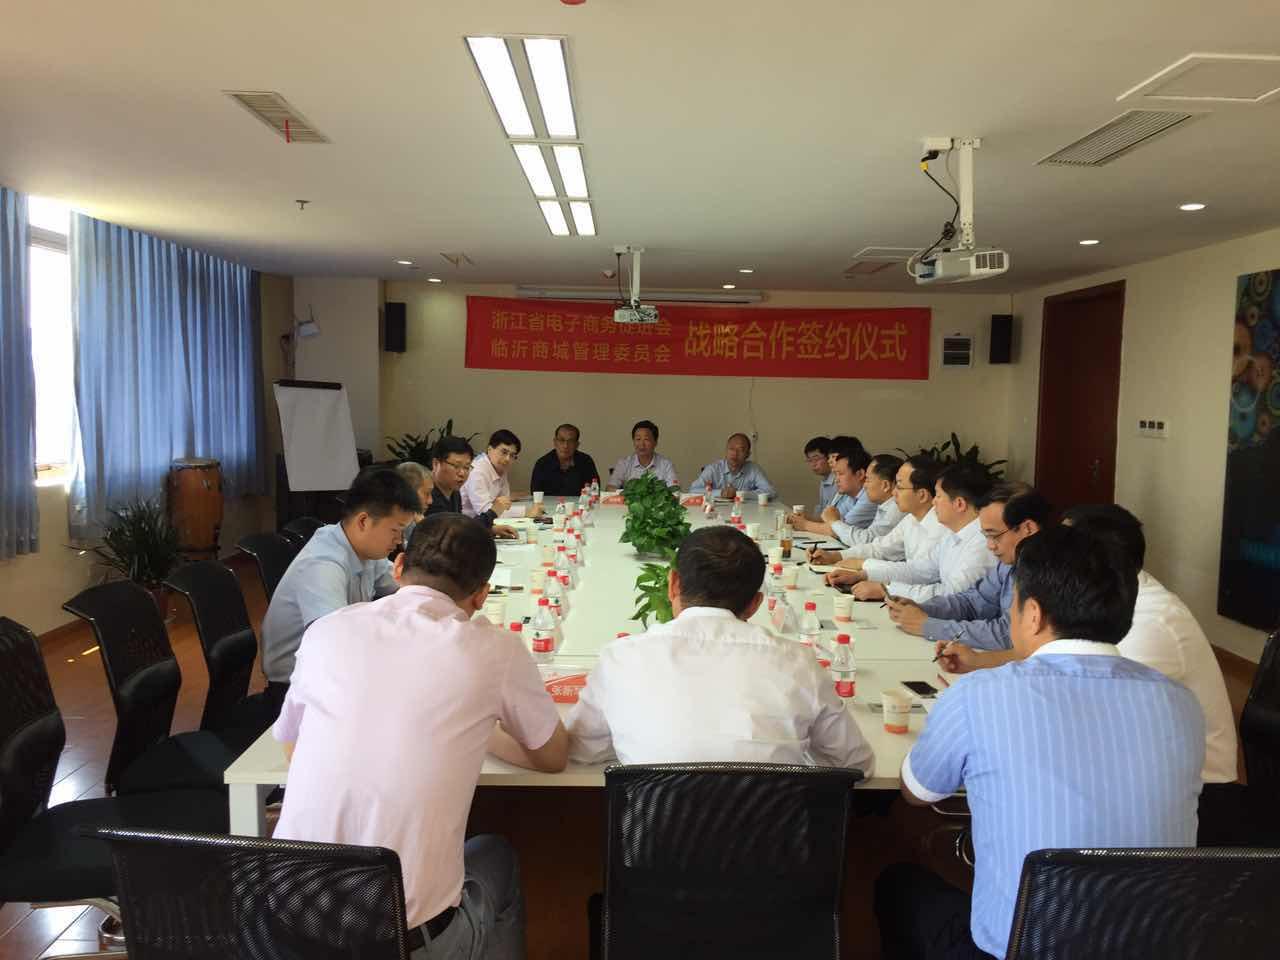 山东省临沂市副市长率7家企业赴浙江省电子商务促进会对接考察